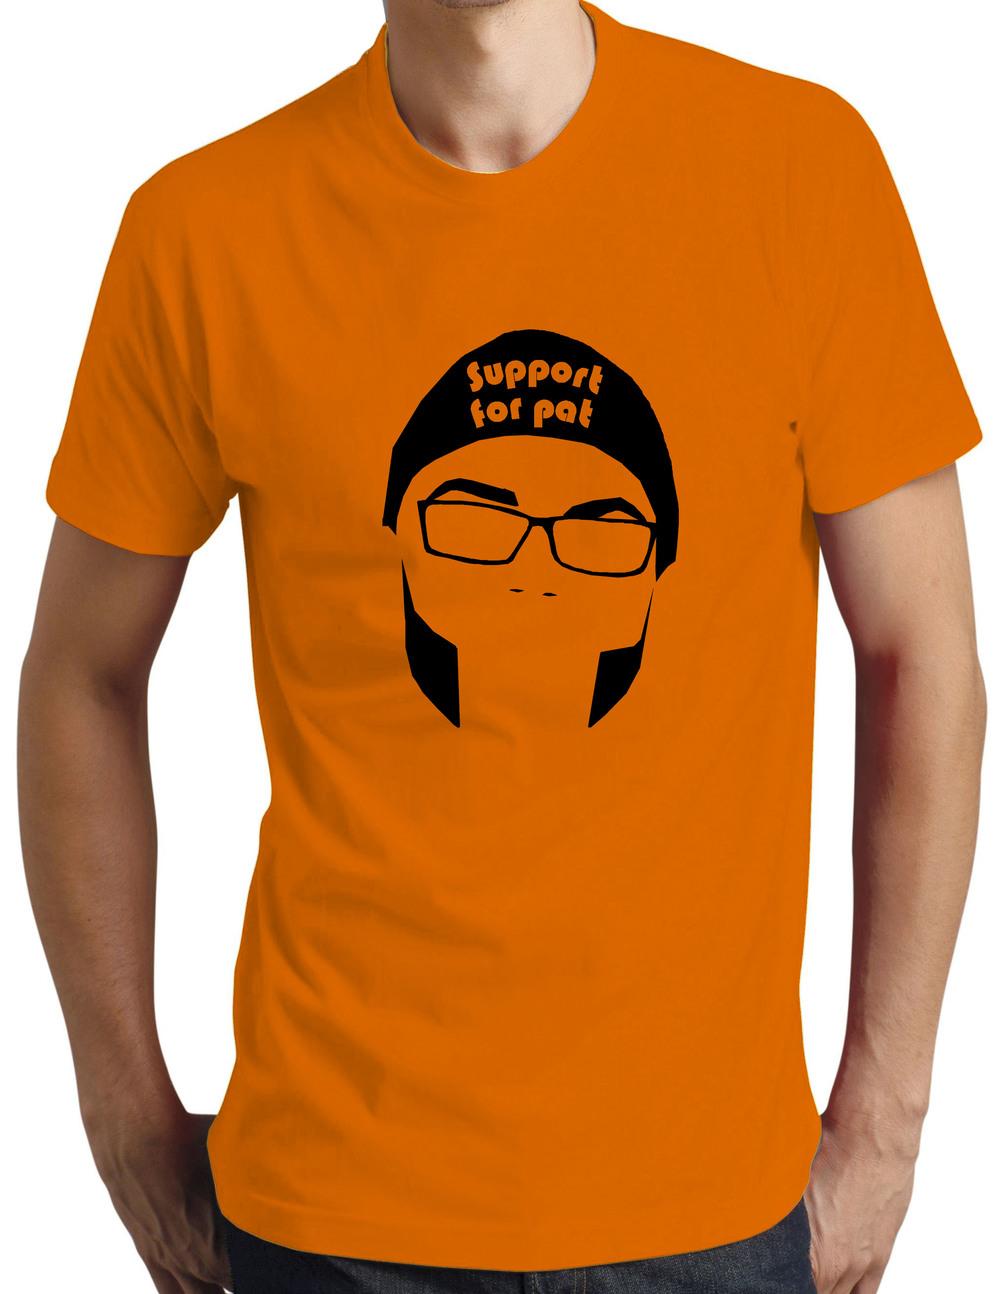 Benefit T-shirt